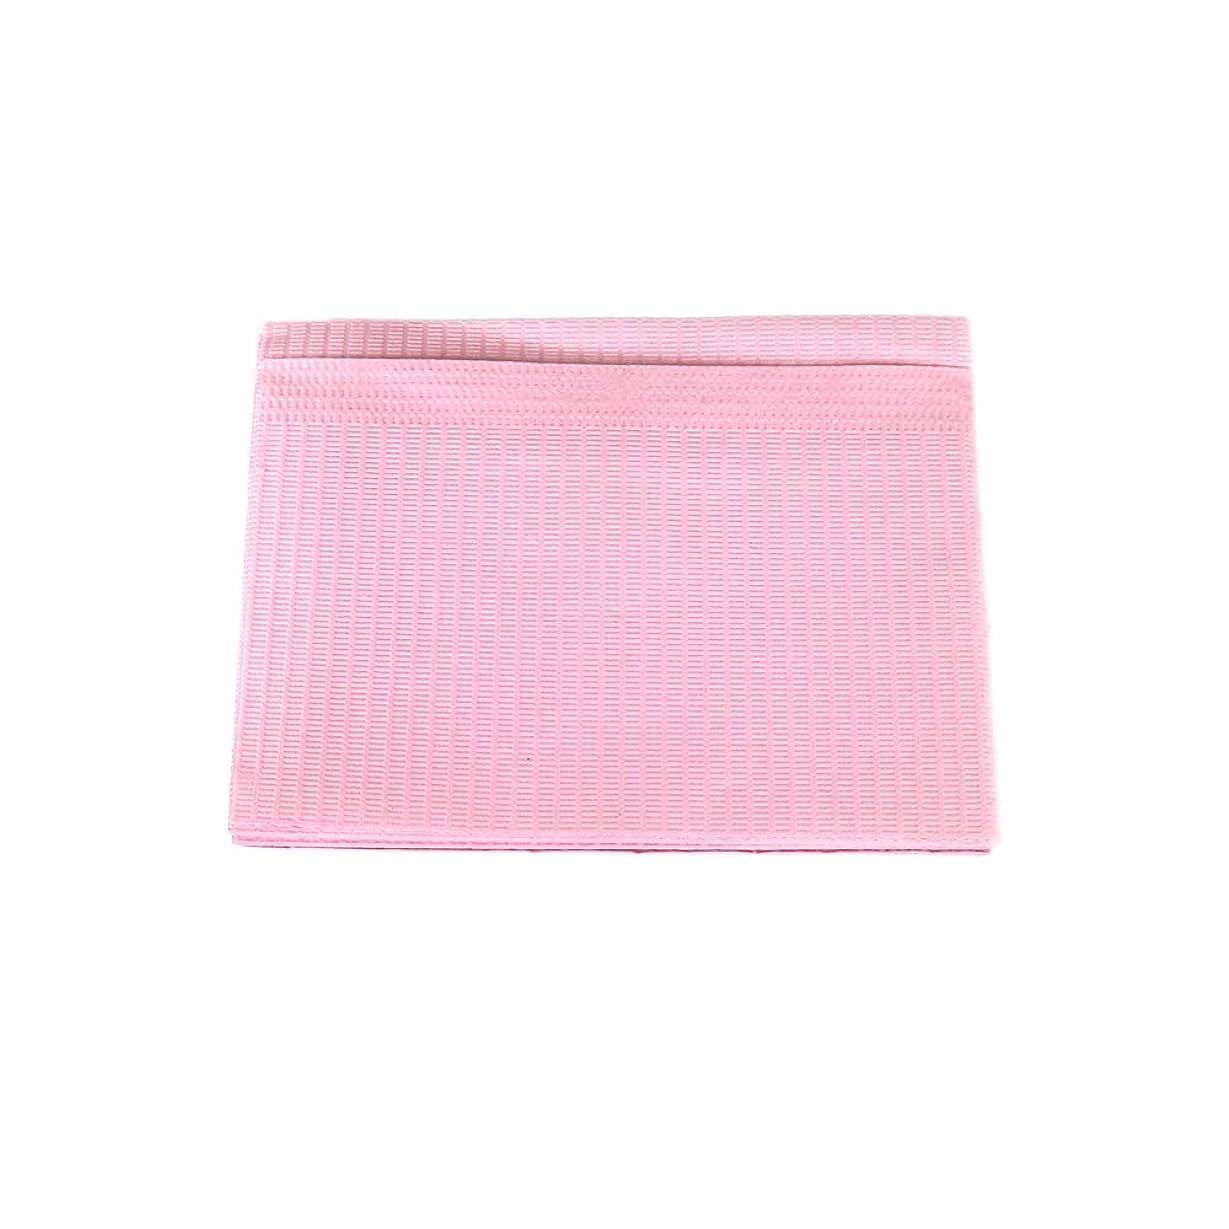 涙が出る安らぎ人間防水ネイルペーパー ピンク 10枚入り ネイルシート 防水ペーパー キッチンペーパー